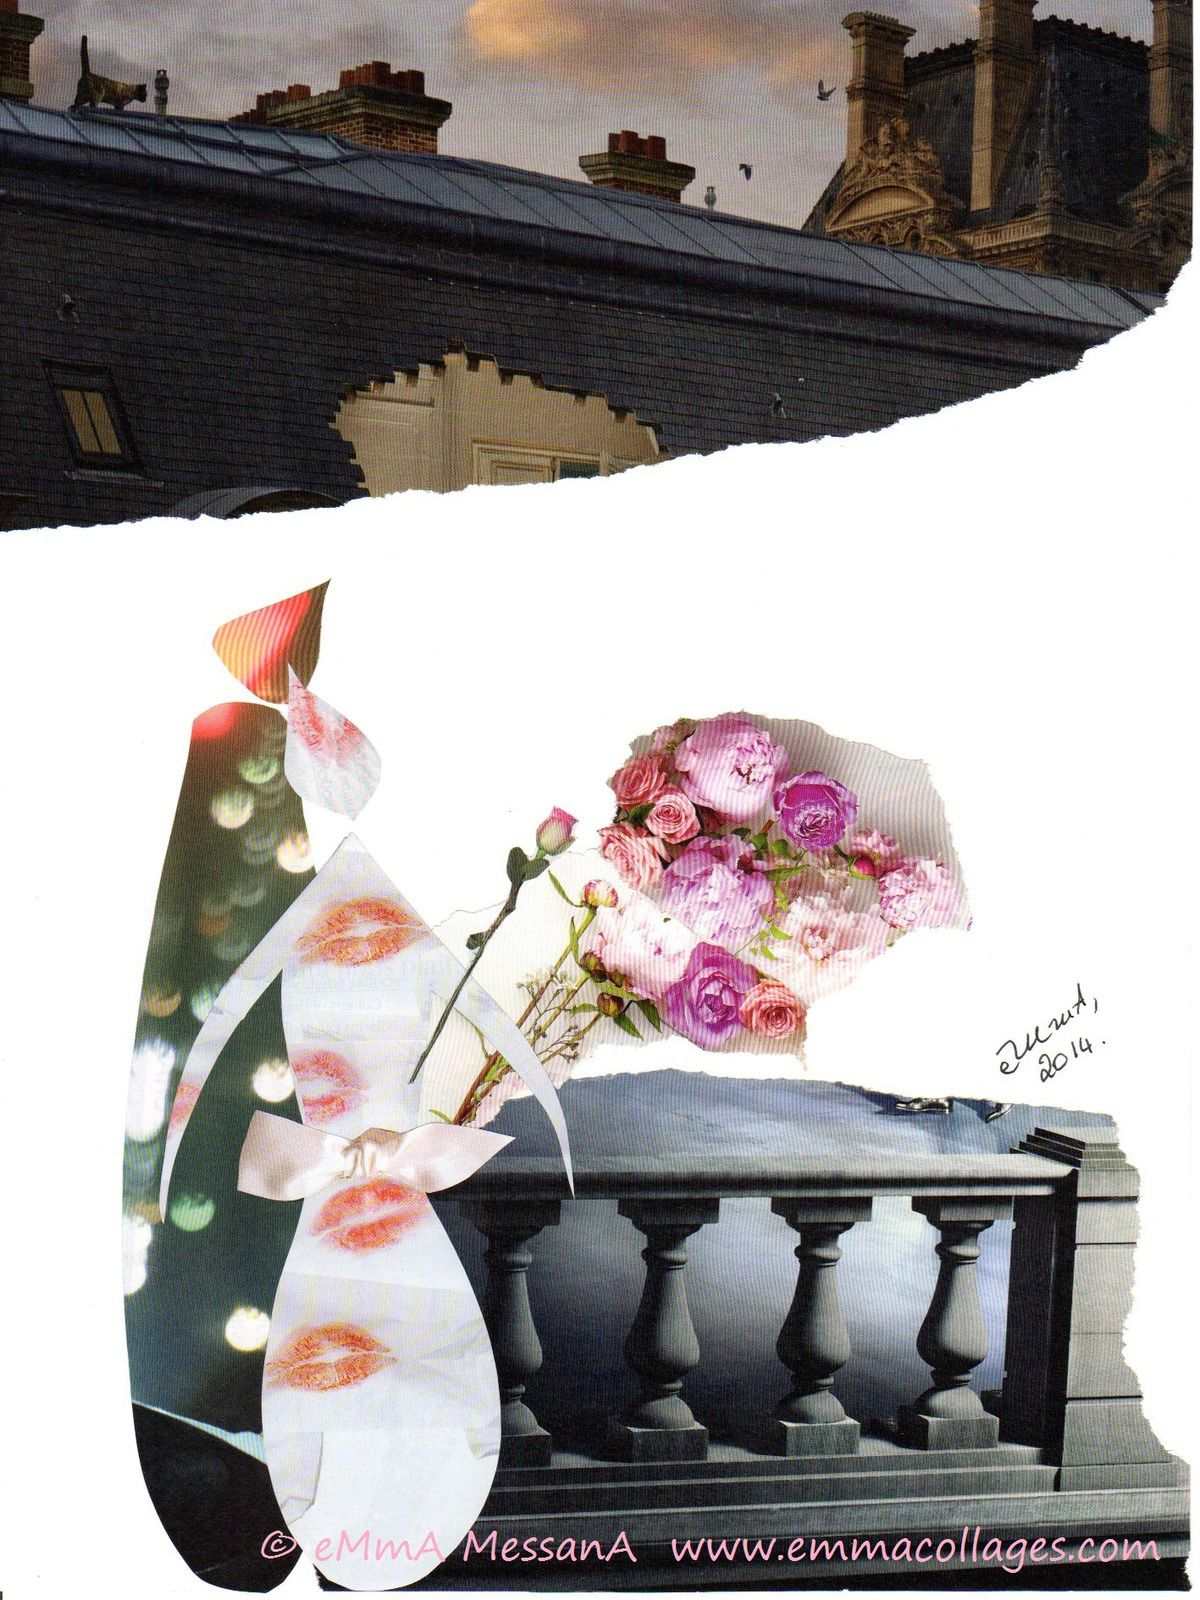 """Les Collages d'eMmA MessanA, collage """"Premier rendez-vous"""", pièce unique"""